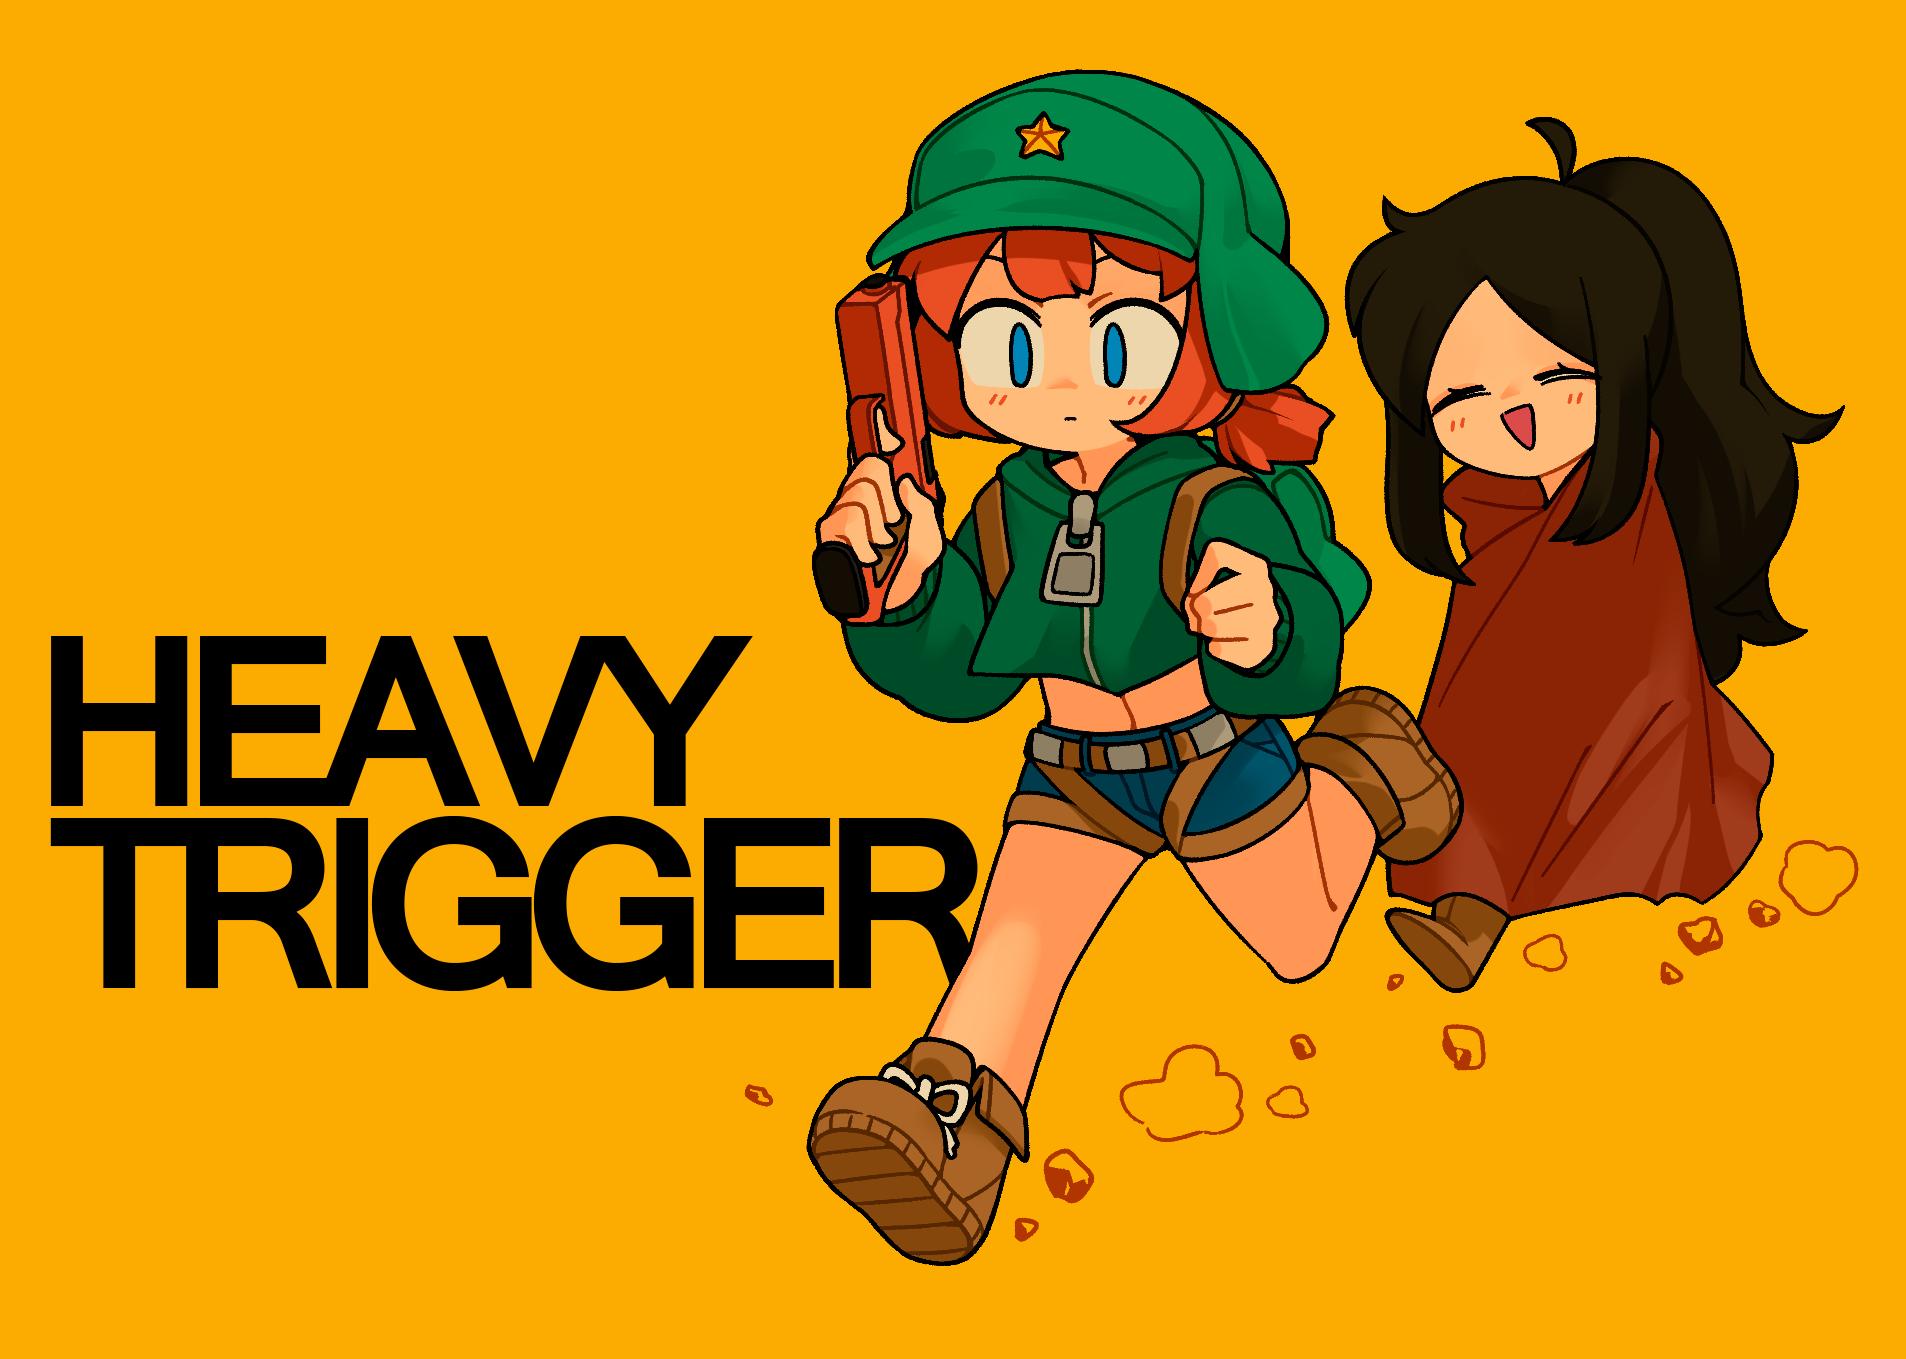 HEAVY TRIGGER - Barrel and Pea